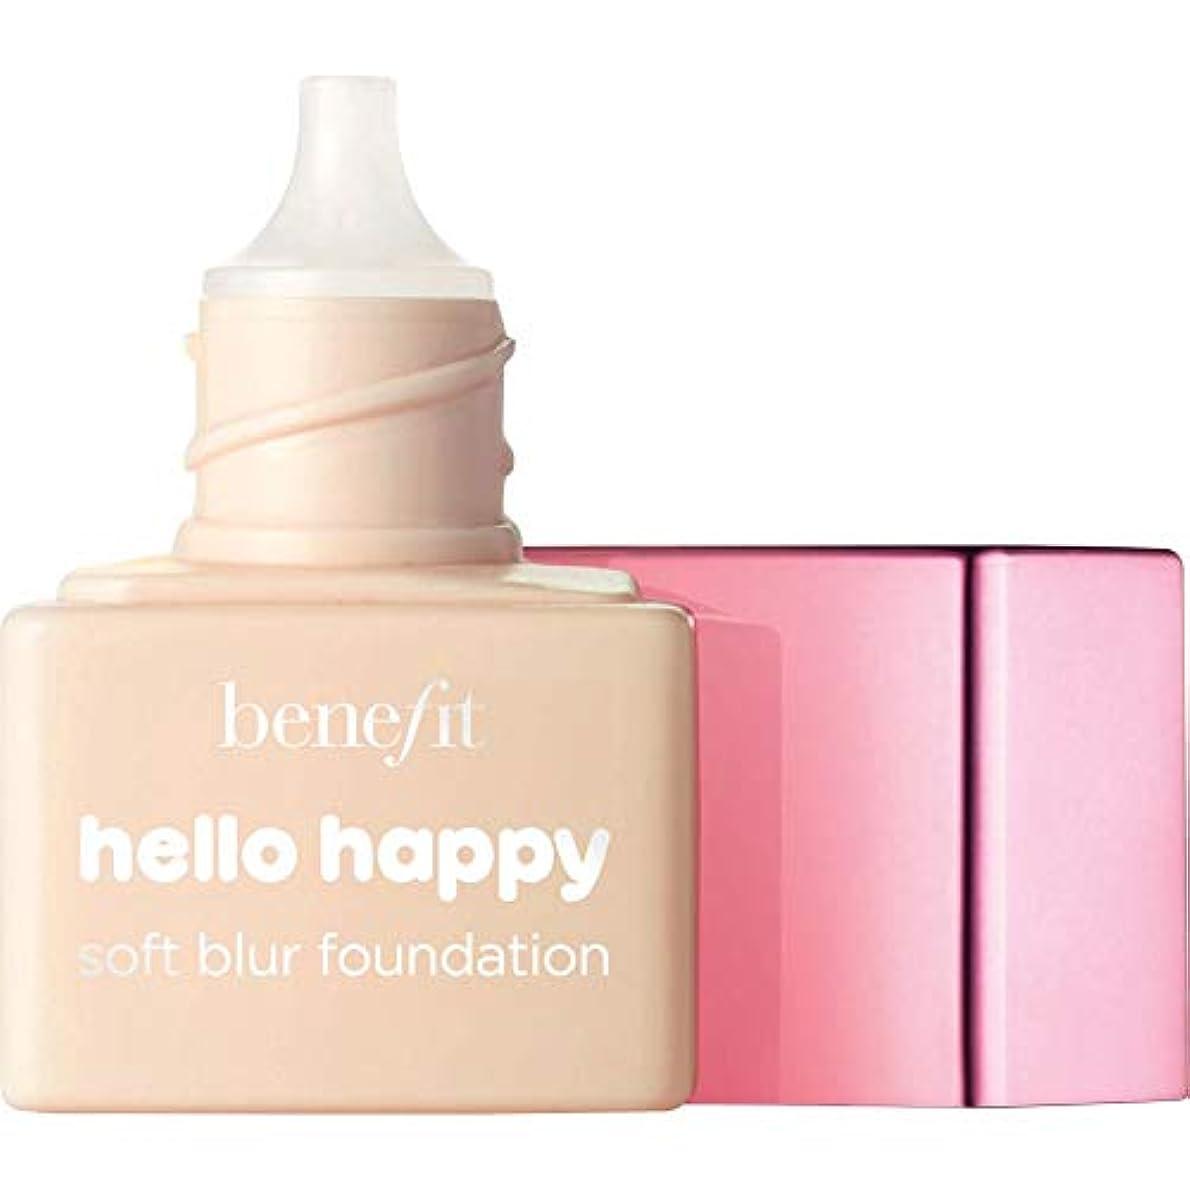 エキスパート崇拝する雄弁な[Benefit ] ミニ2 - - ハロー幸せソフトブラー基礎Spf15の6ミリリットルの利益に暖かい光 - Benefit Hello Happy Soft Blur Foundation SPF15 6ml - Mini...